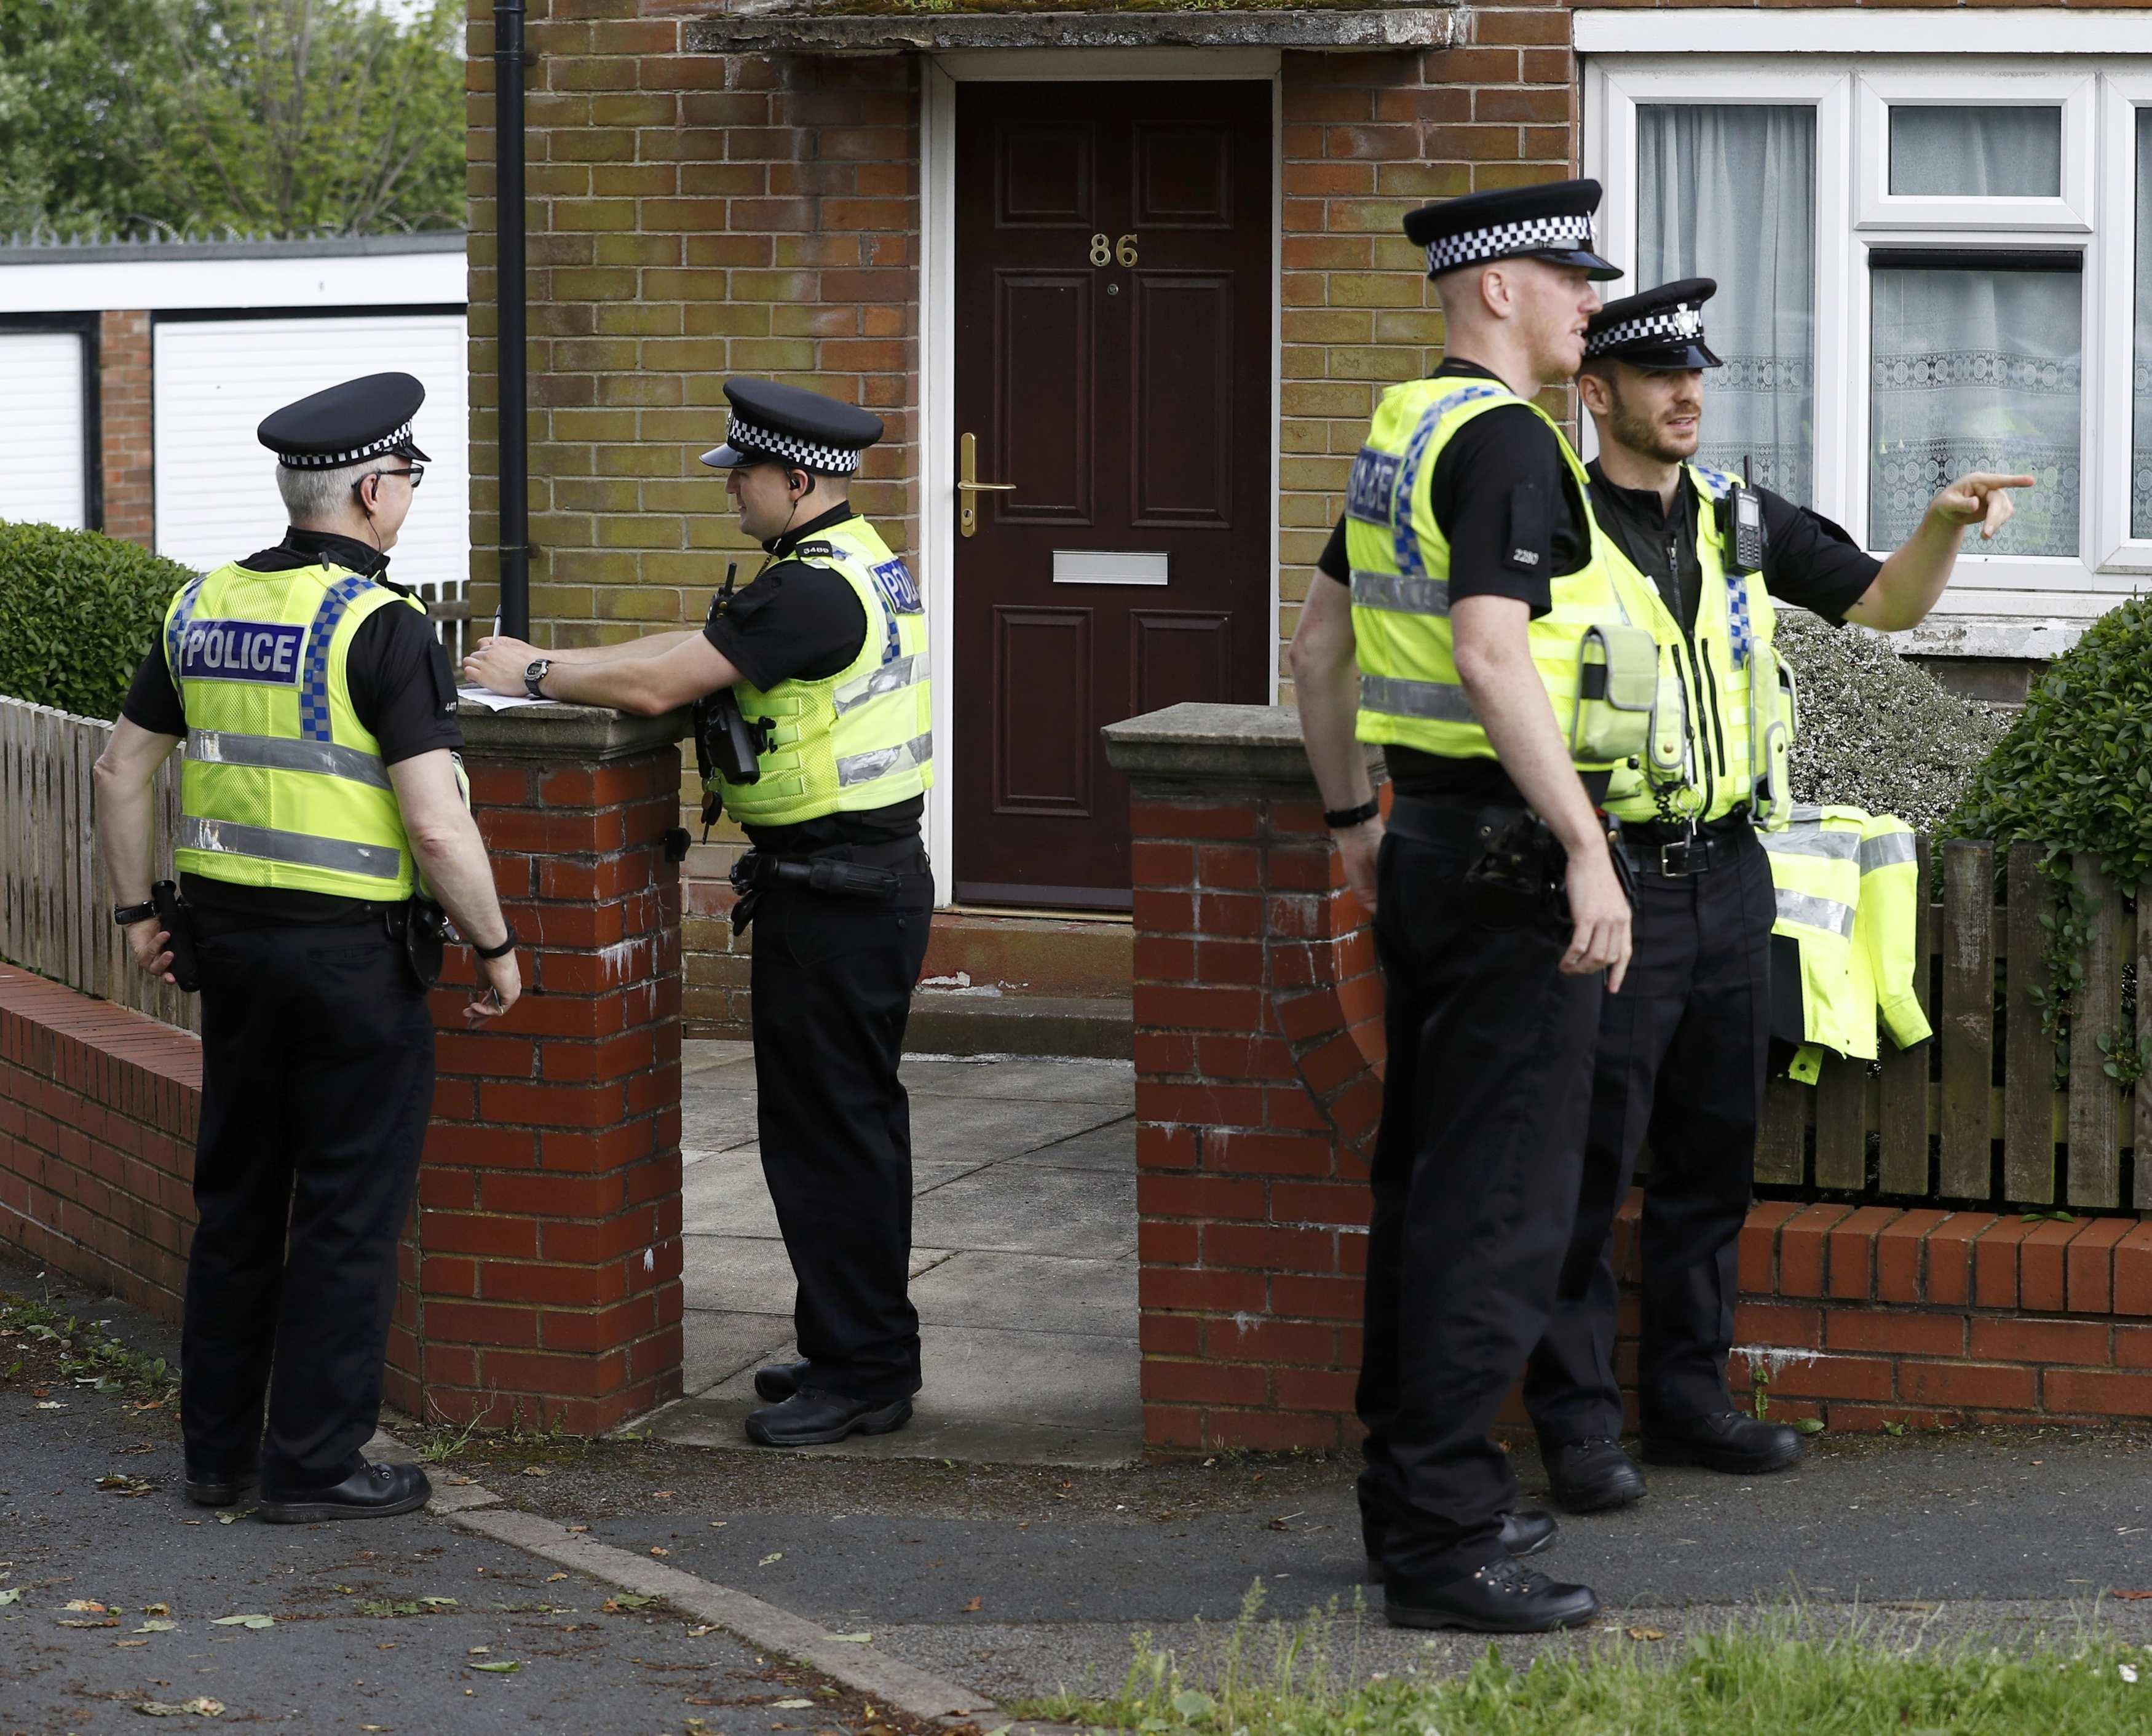 جرائم الكراهية ترتفع ببريطانيا بعد استفتاء الخروج من الاتحاد الأوروبي